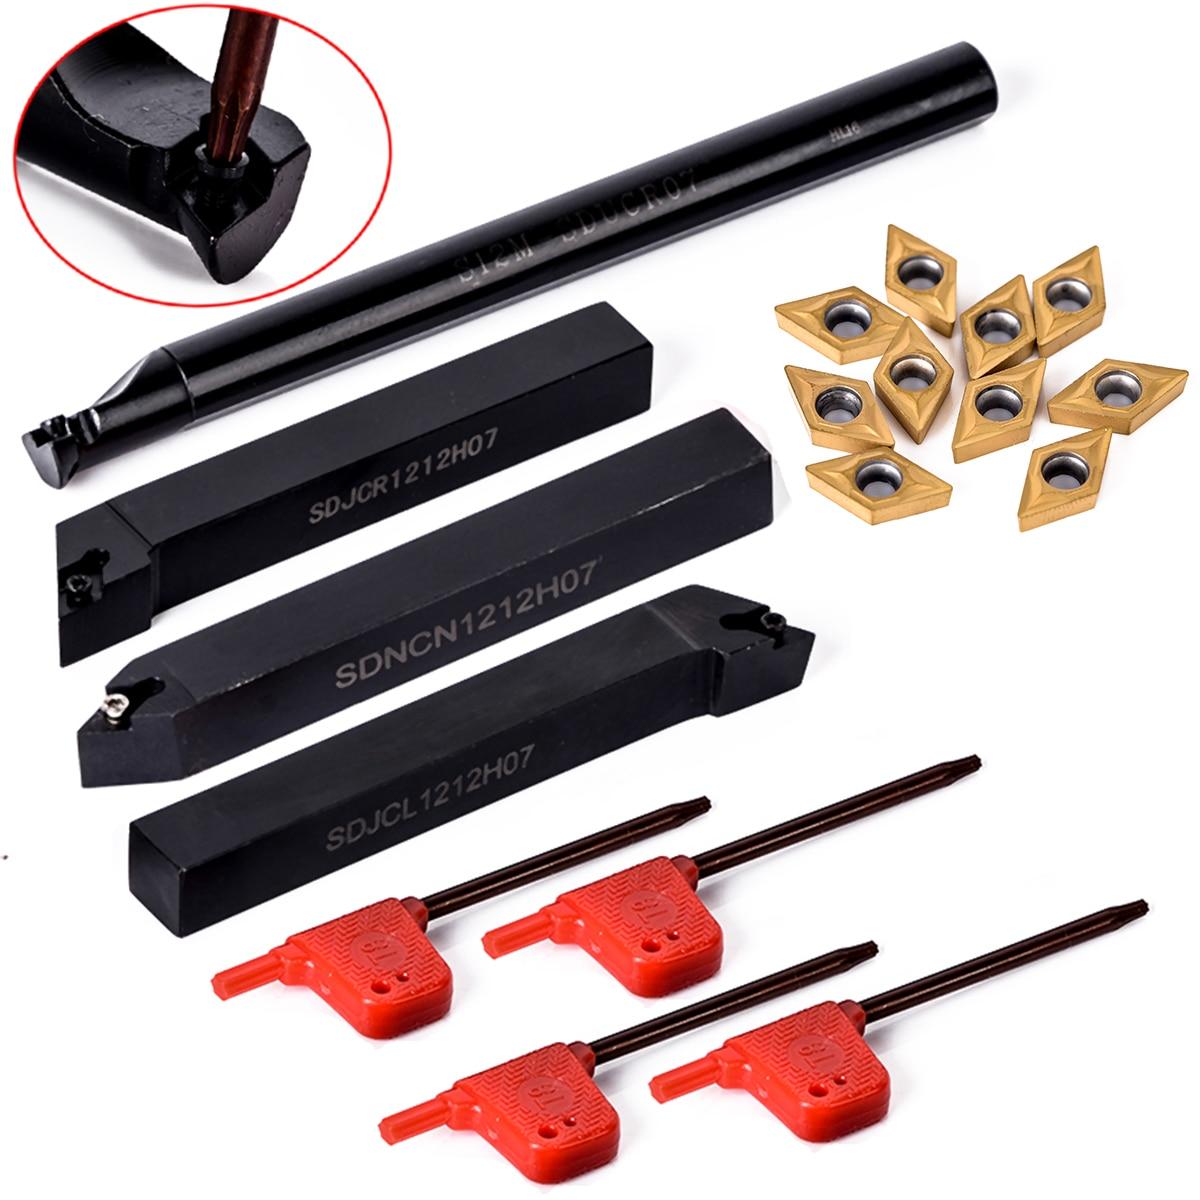 10 unids dcmt070204 carburo Insert + 4 unids 12mm barra aburrida Porta herramientas + 4 unids Llaves inglesas para Tornos Herramientas de torneado